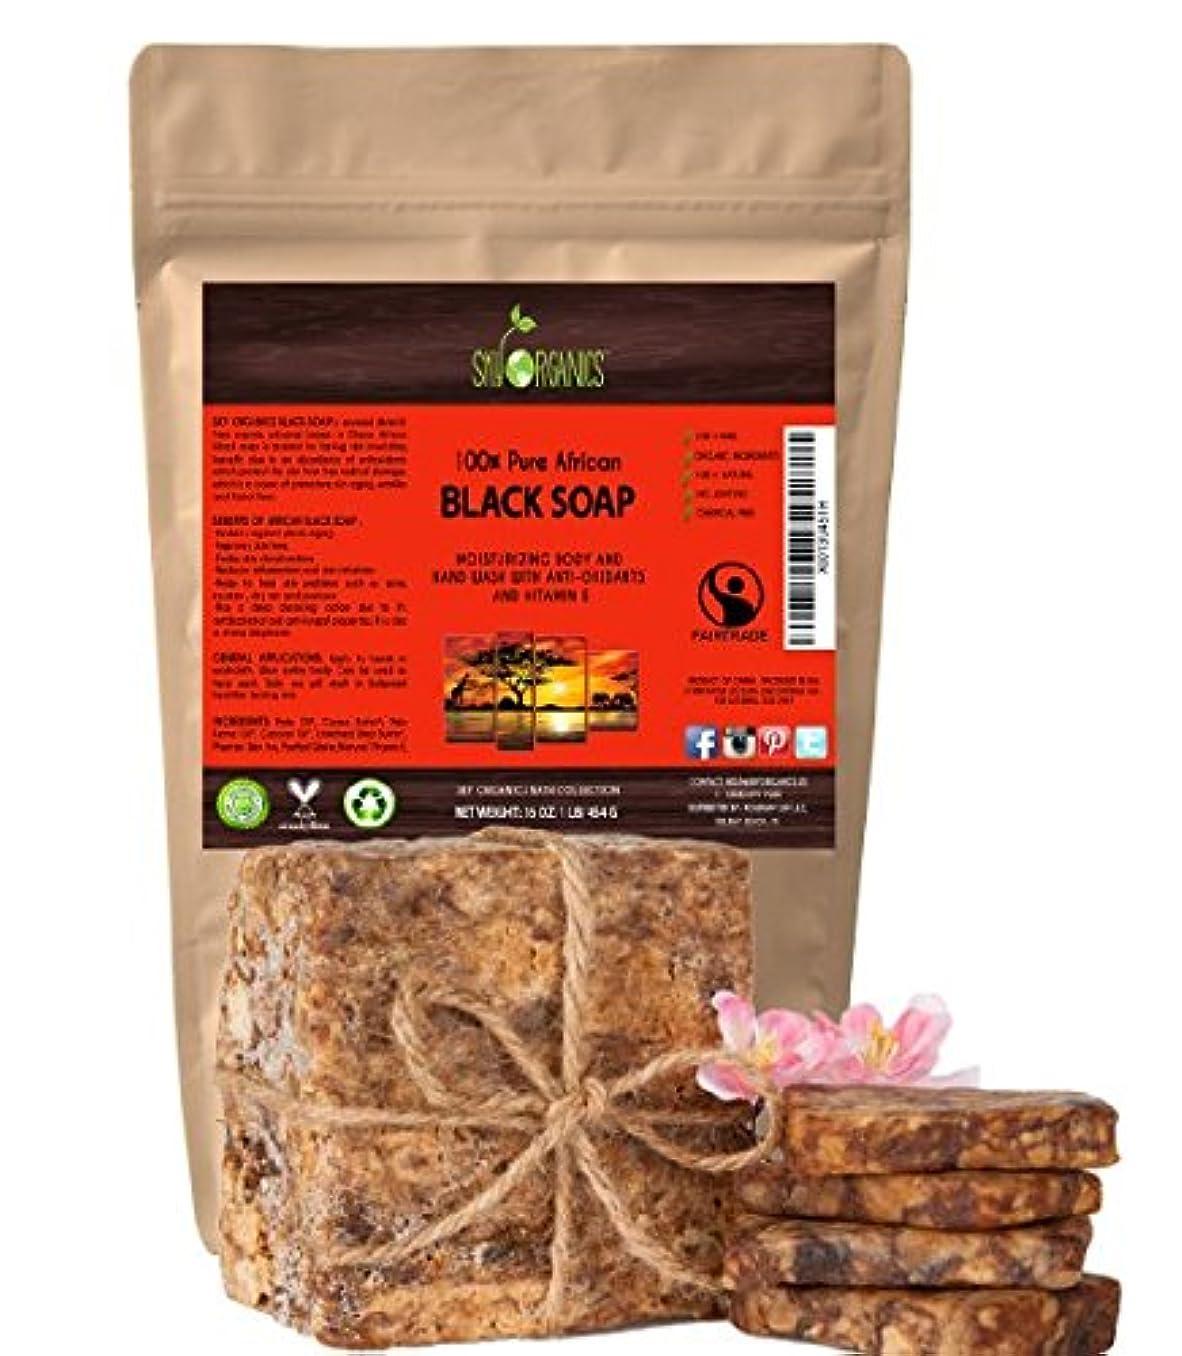 喜劇多くの危険がある状況家主切って使う オーガニック アフリカン ブラックソープ (約4563gブロック)Organic African Black Soap (16oz block) - Raw Organic Soap Ideal for Acne...